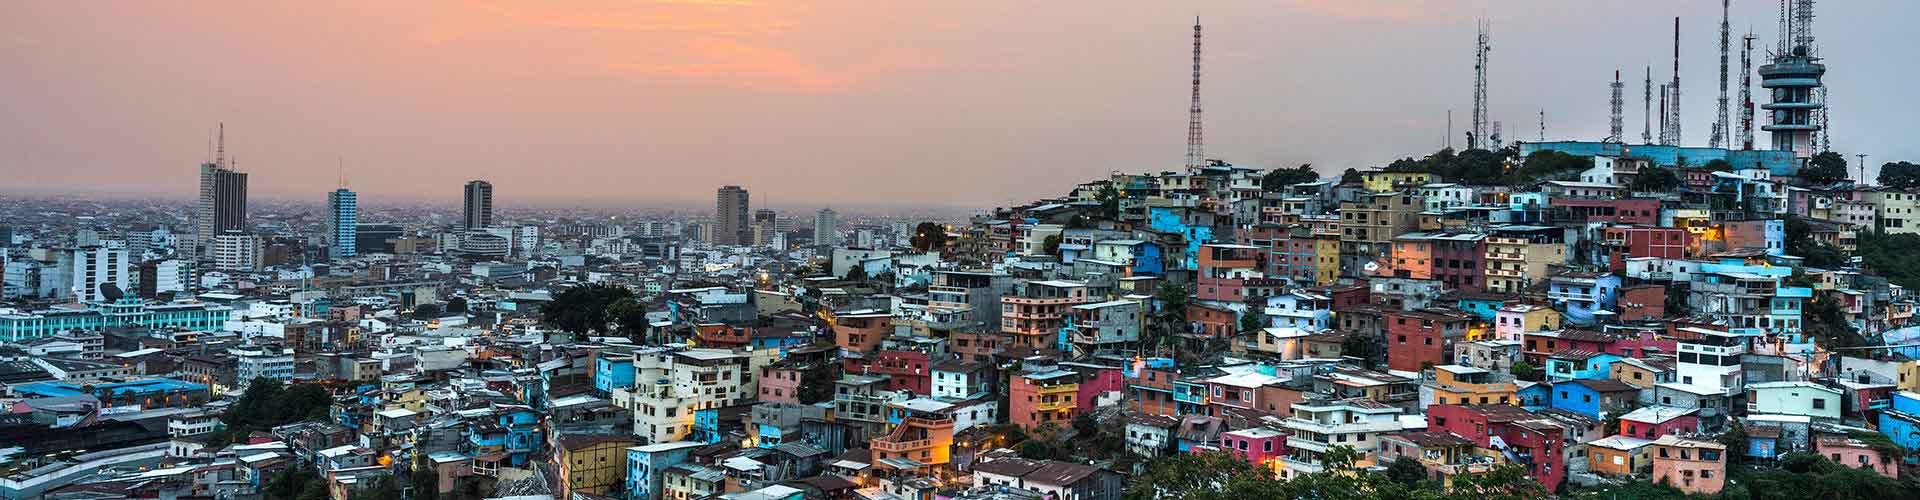 Guayaquil - Auberges de jeunesse à Guayaquil. Cartes pour Guayaquil, photos et commentaires pour chaque auberge de jeunesse à Guayaquil.